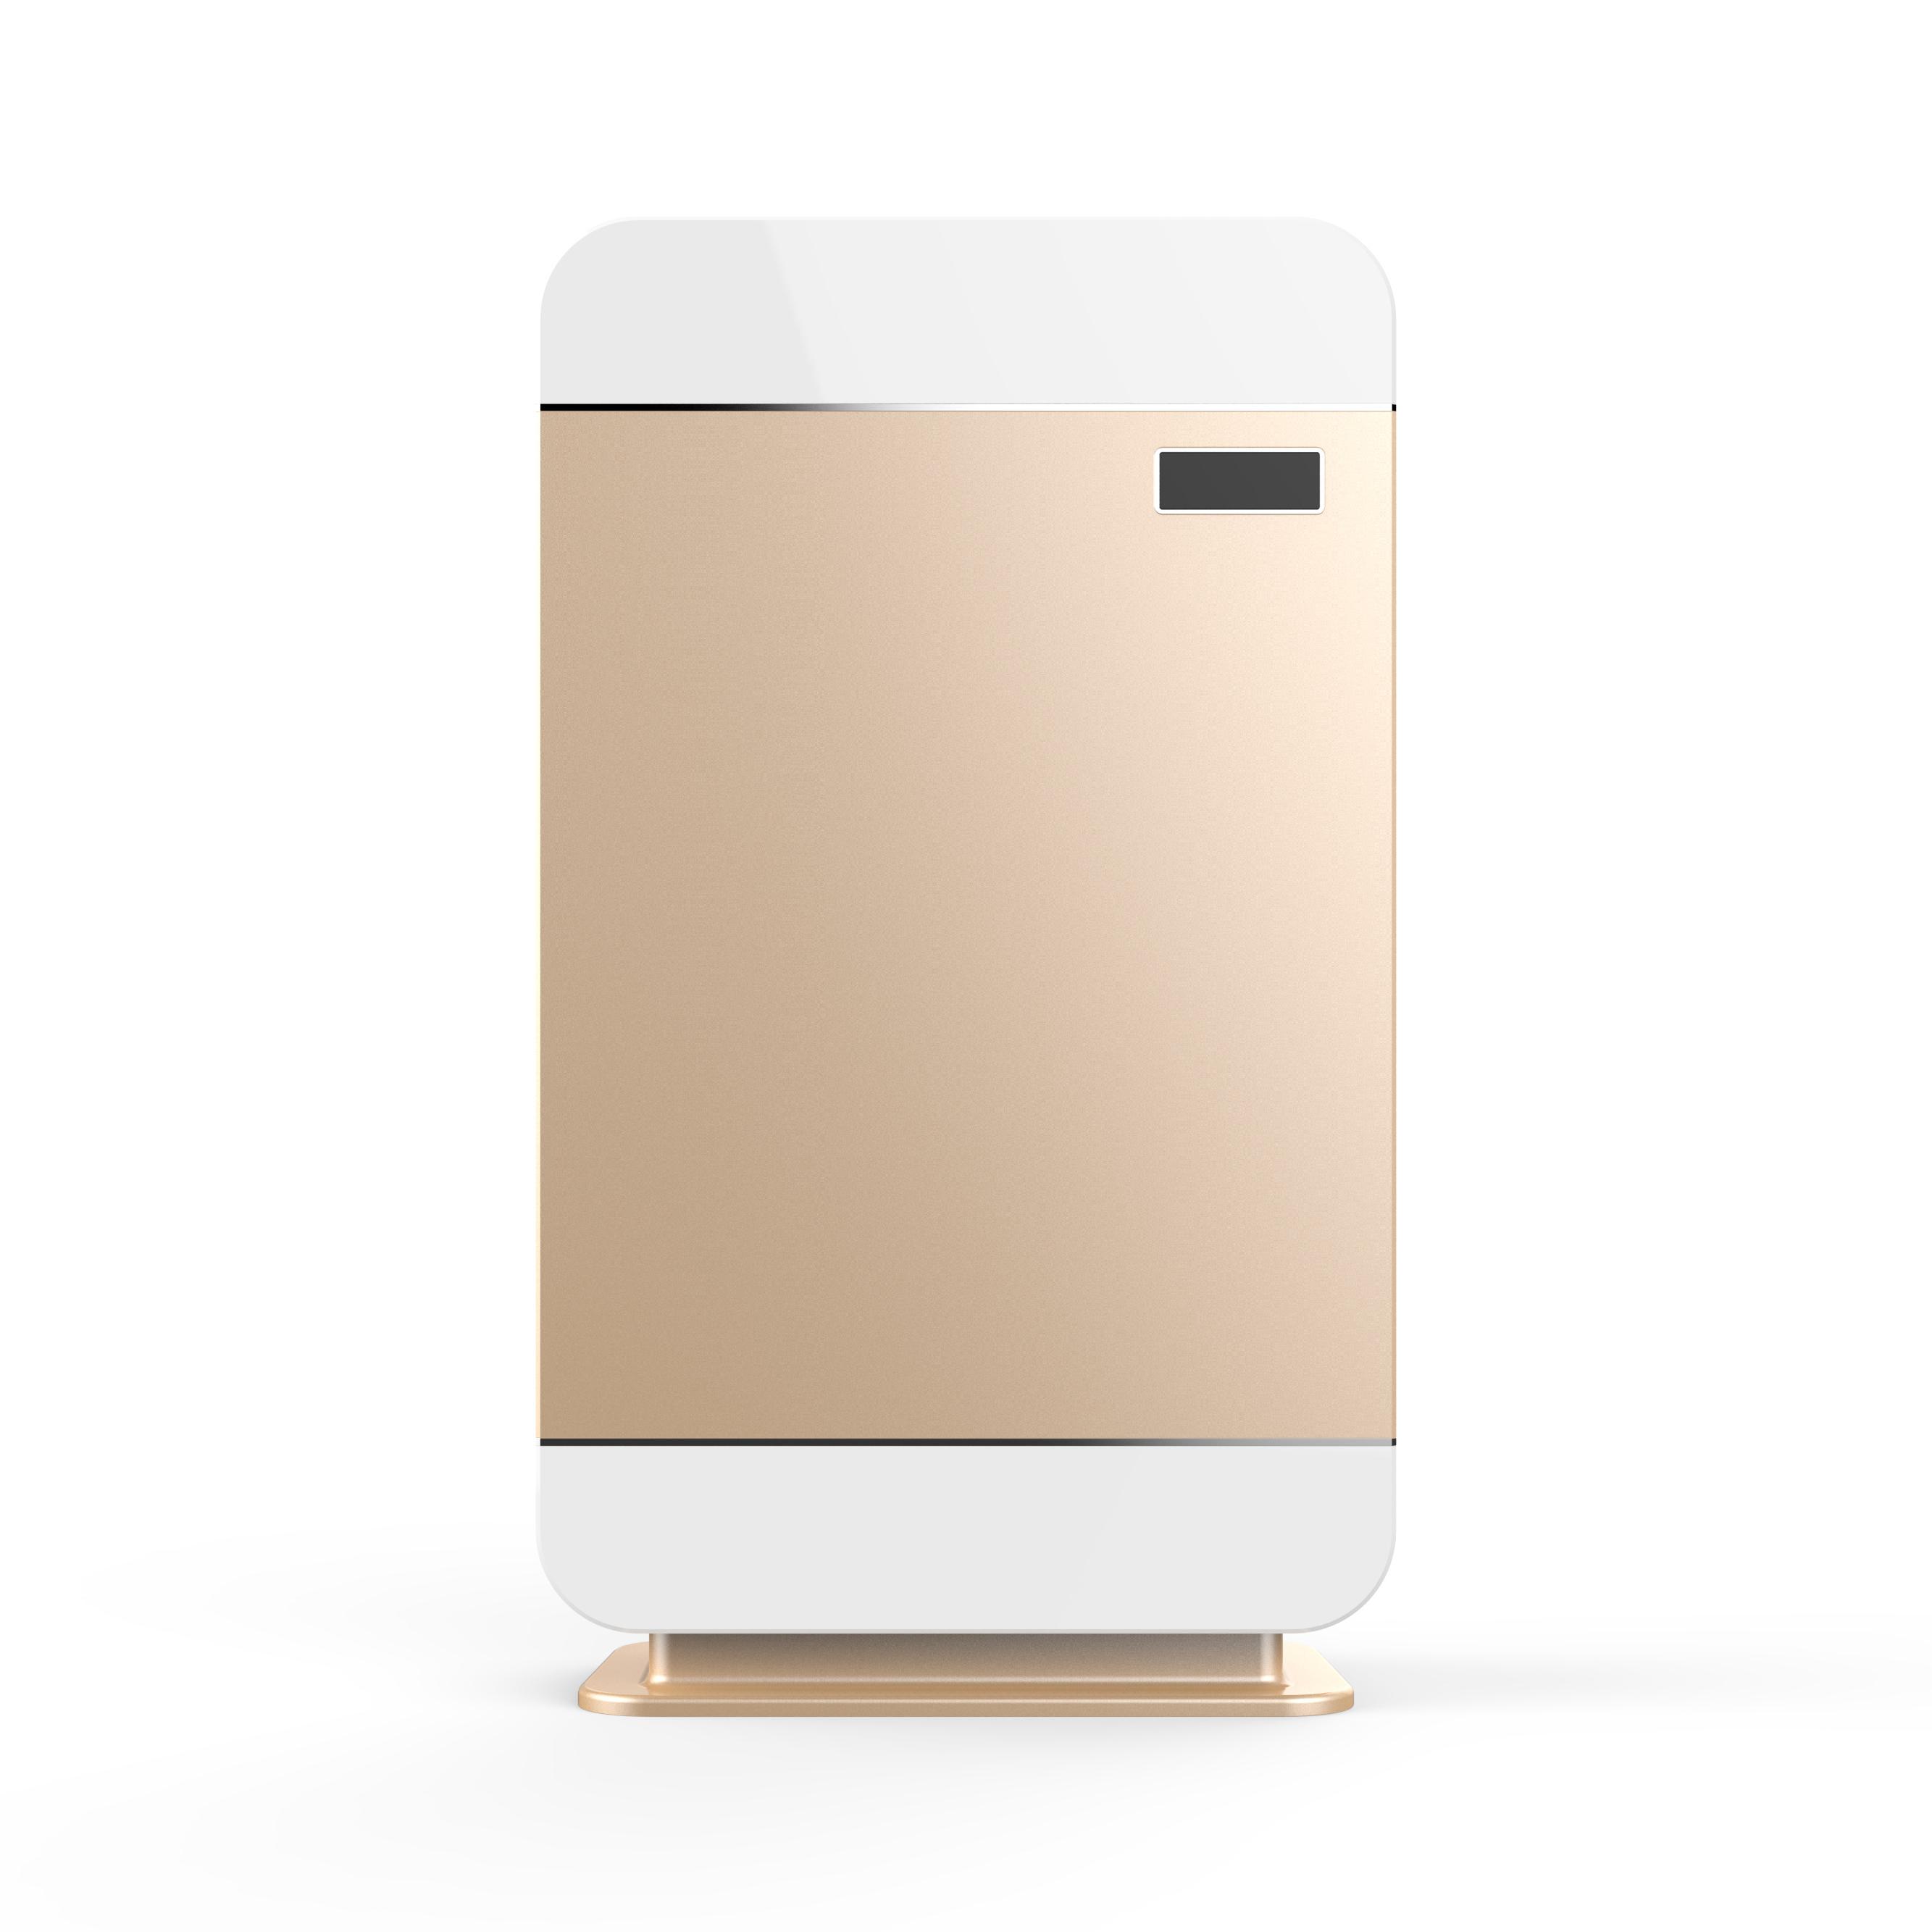 深氧吧 空气净化器  针对空气污染设计 除甲醛杀菌 雾霾PM2.5 玫瑰金